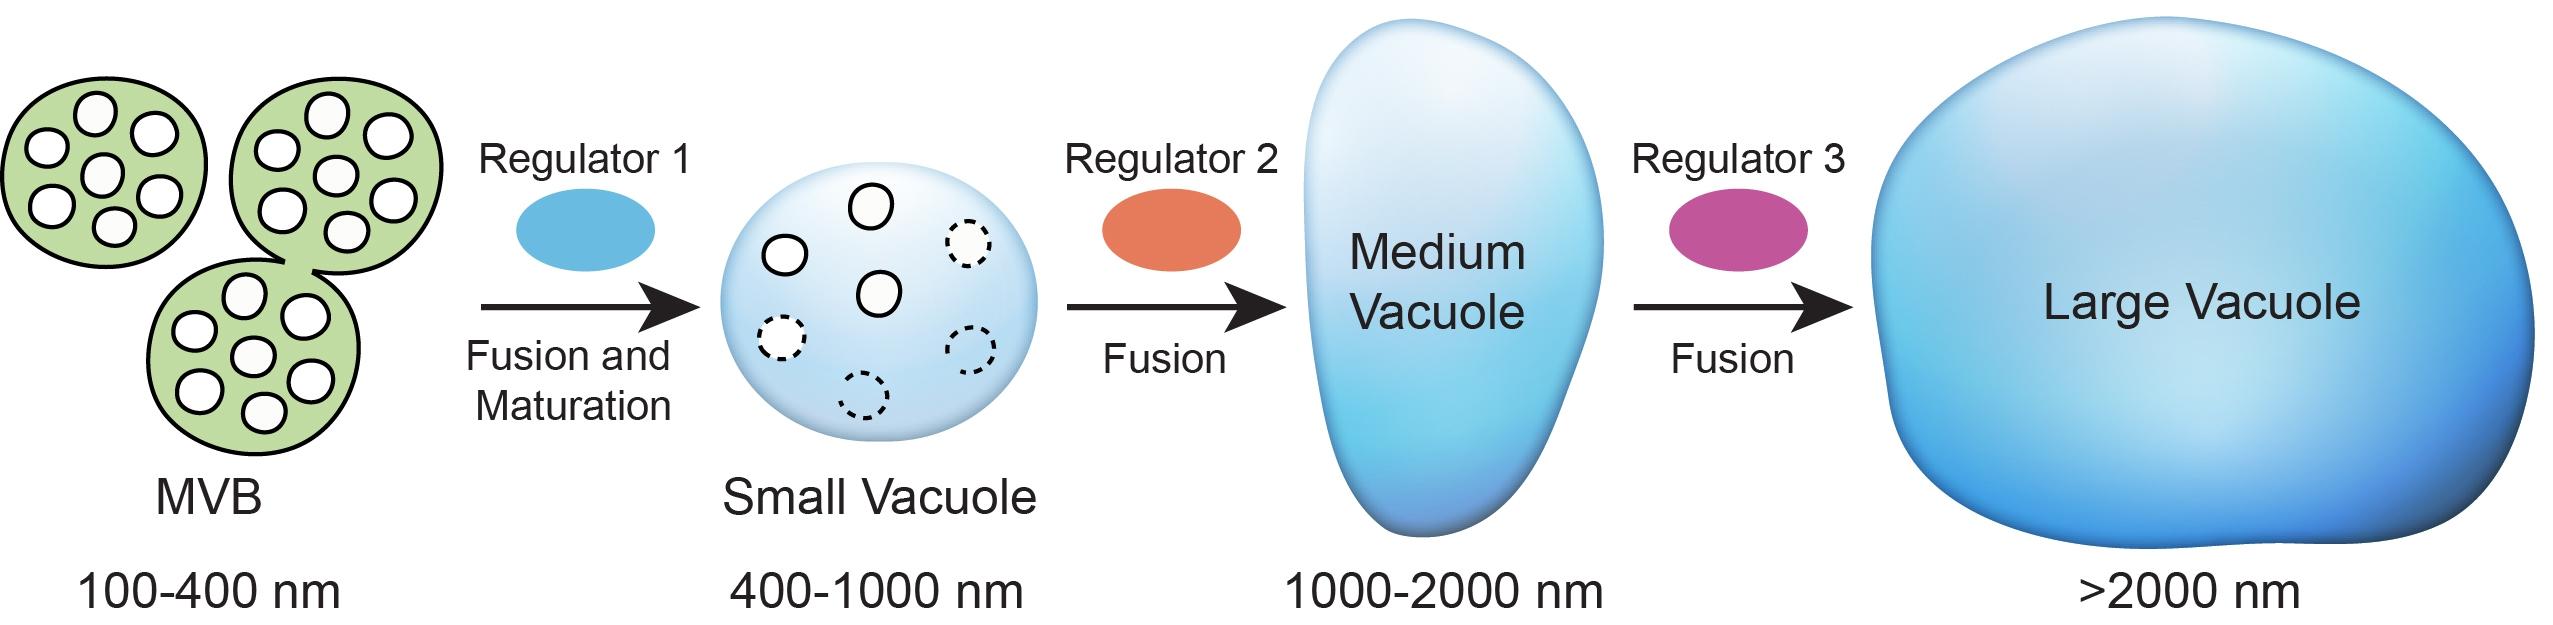 圖4.新模型展示了植物細胞中液泡形成的機制。液泡是由多囊泡體融合衍生而來,其中包括一系列多種蛋白參與的融合過程。